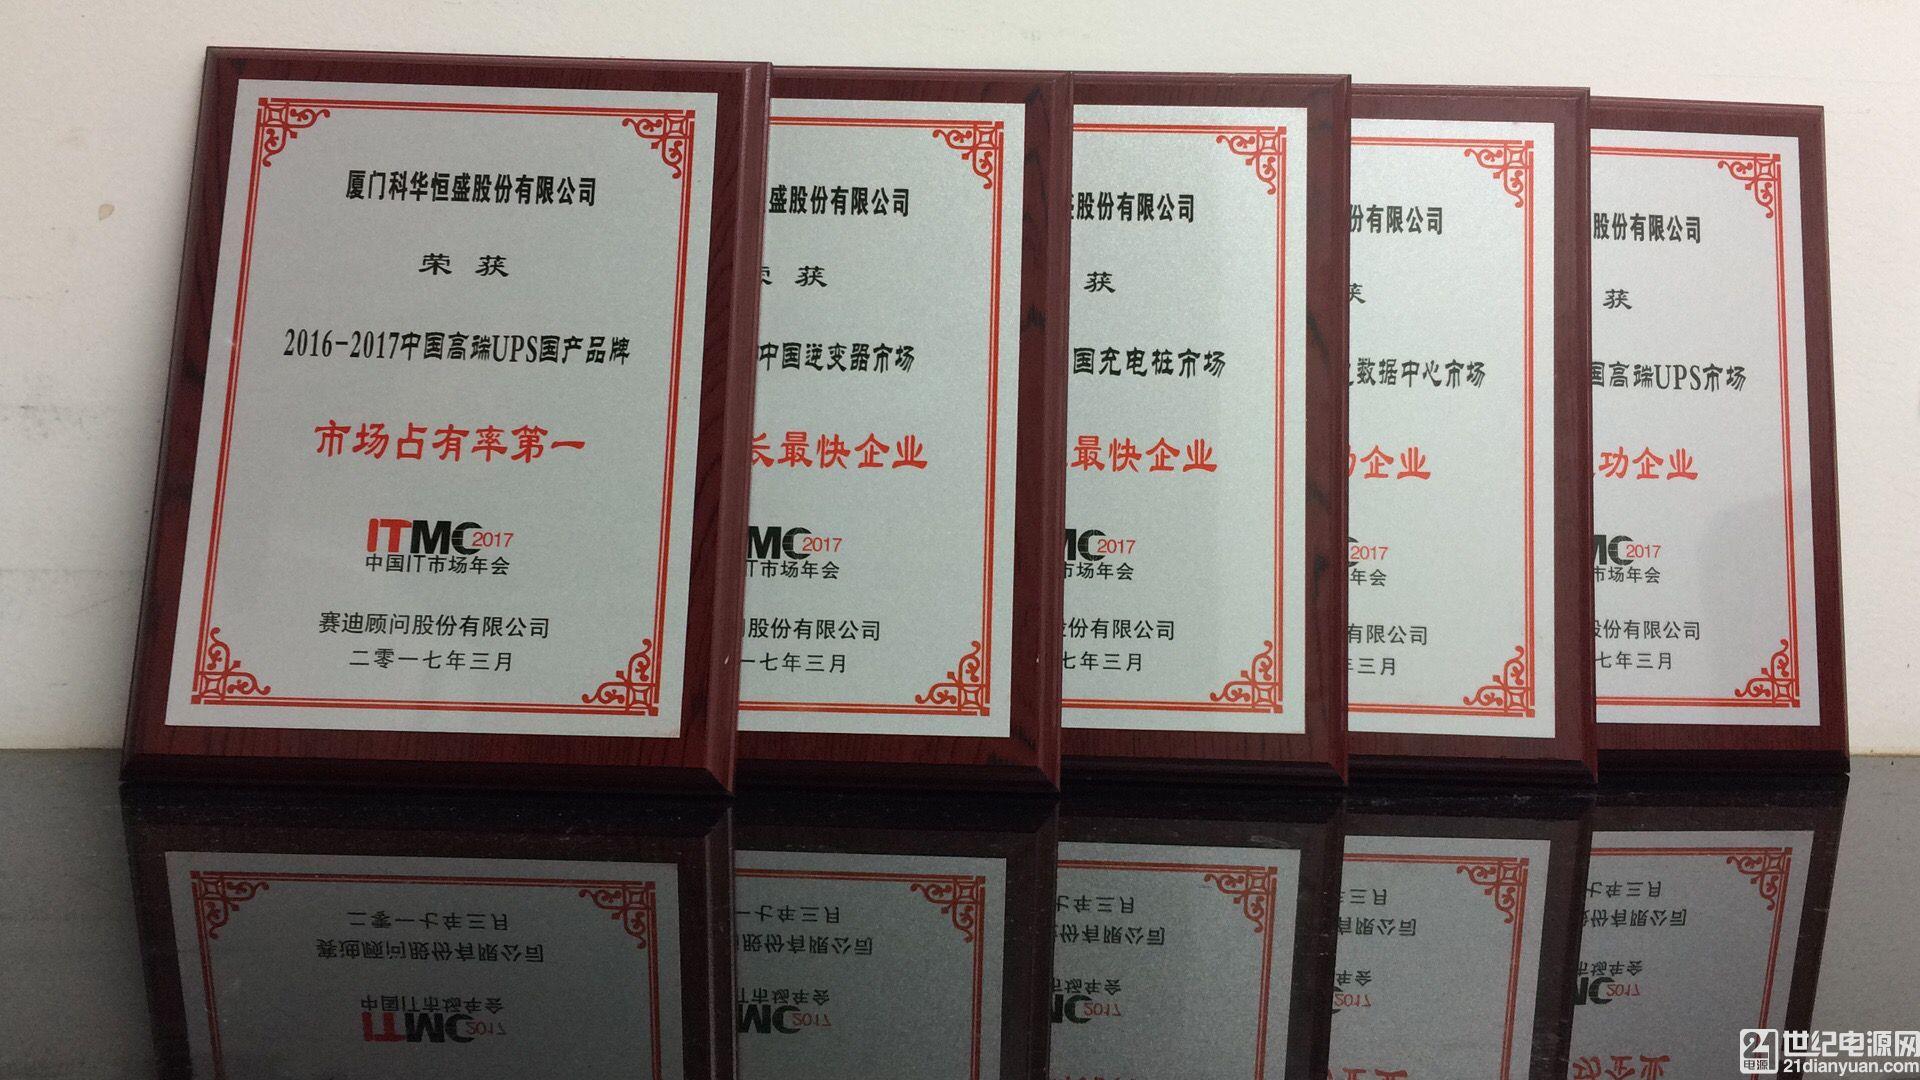 """一体两翼""""加速腾飞,科华恒盛包揽2017中国IT市场年会五项大奖"""